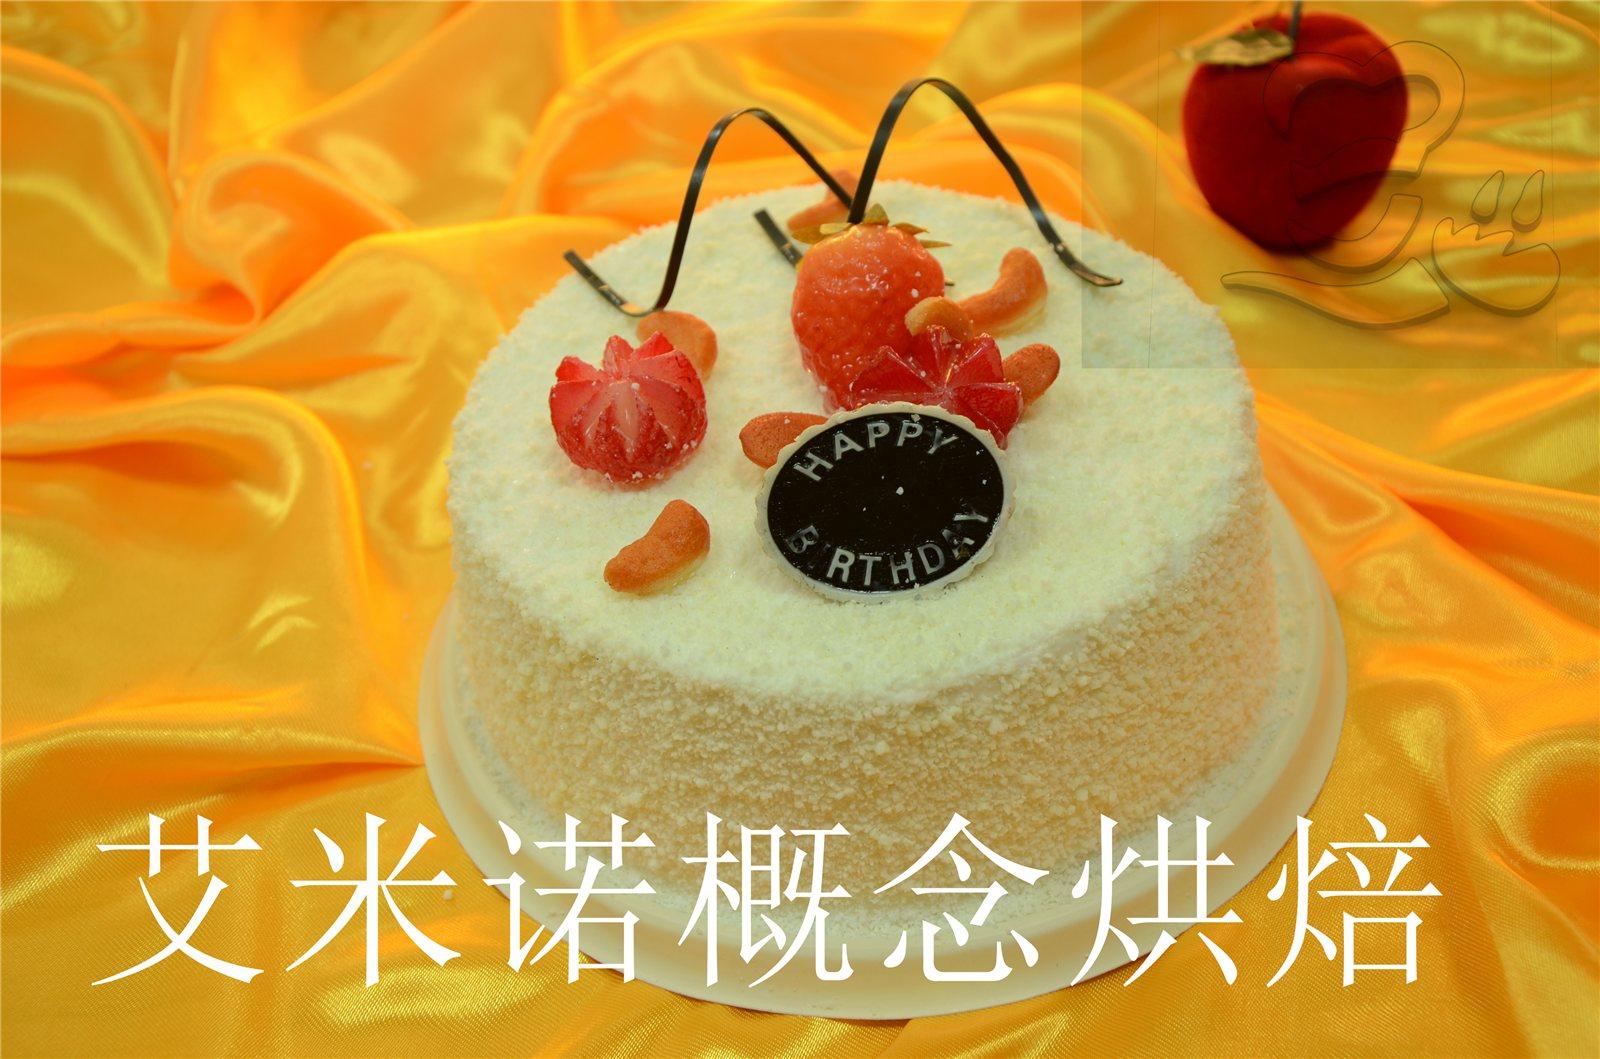 商品详情:雪中情此款蛋糕为6英寸欧式蛋糕